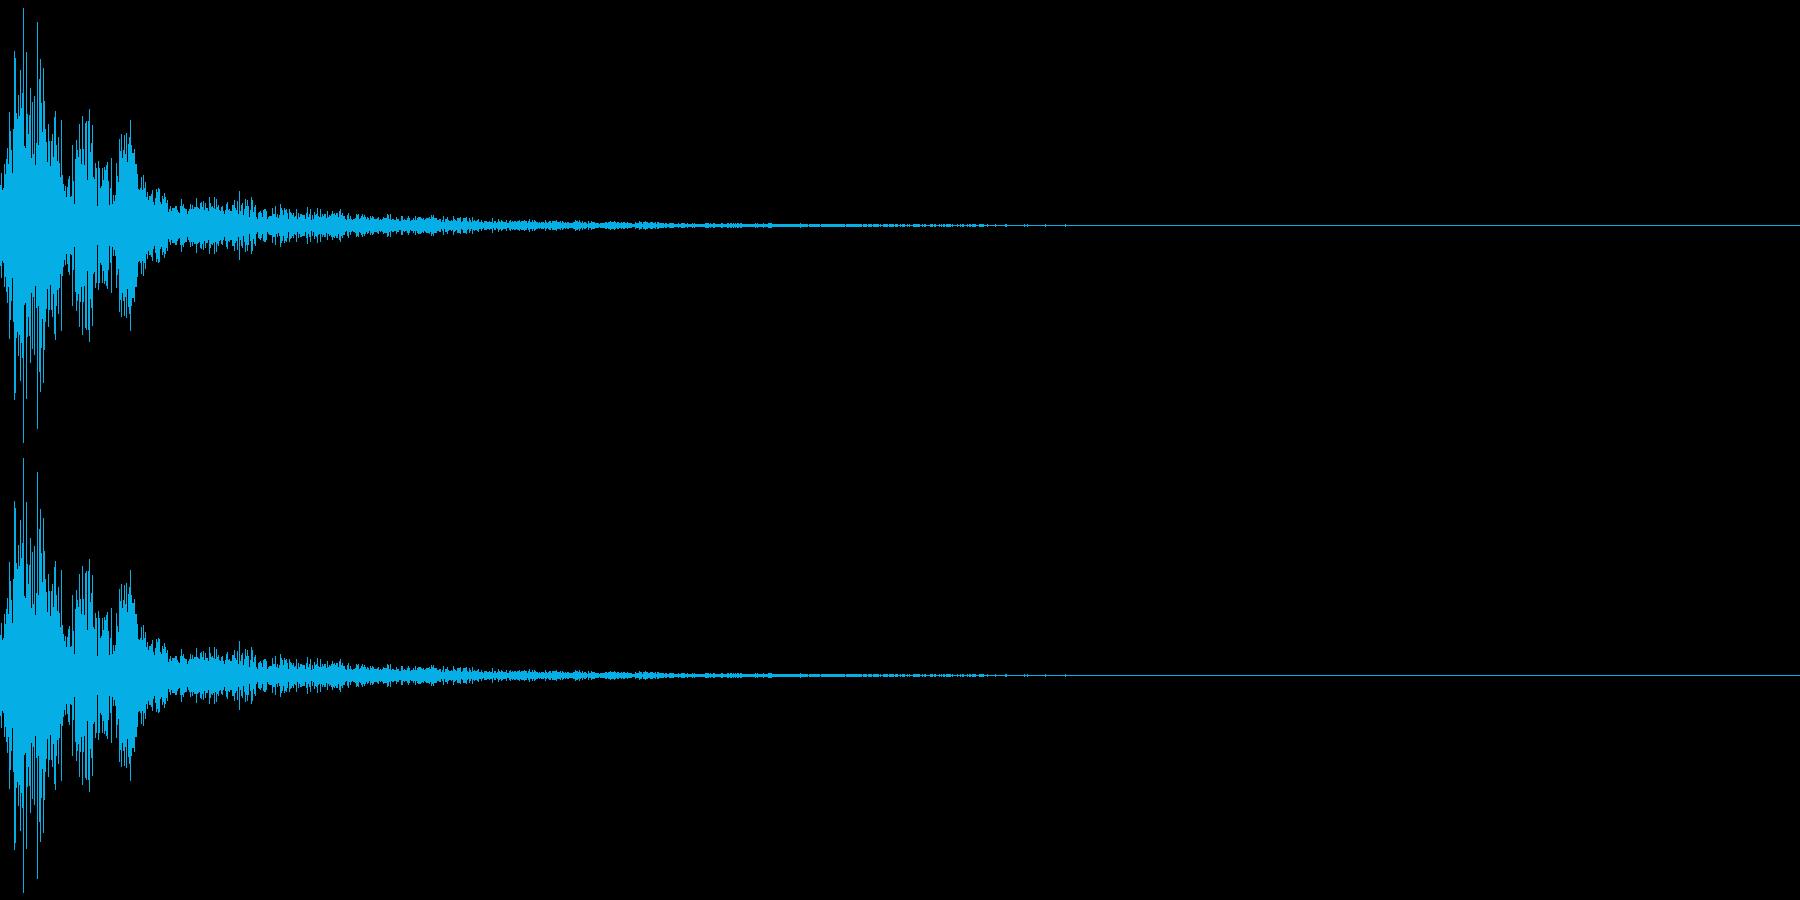 ガチャッ残響音 金属音 ドアノブの再生済みの波形